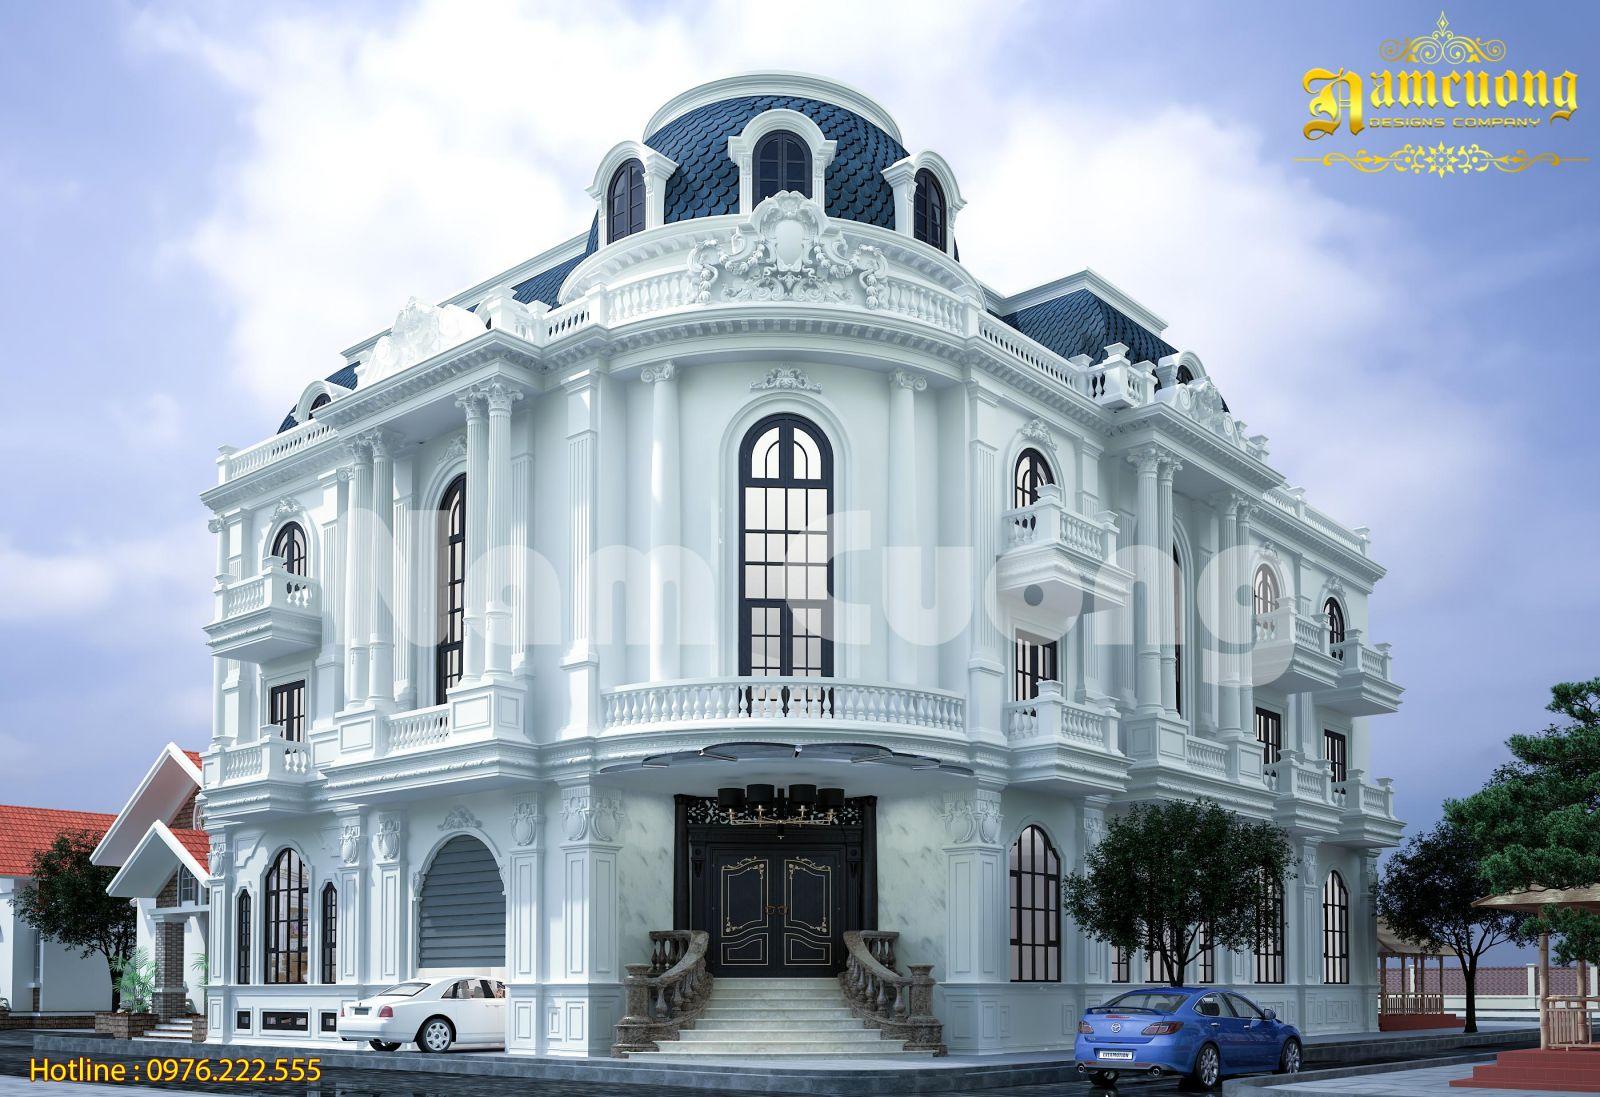 Vẻ đẹp trong mẫu thiết kế biệt thự tân cổ điển mới nhất tại Nghệ An